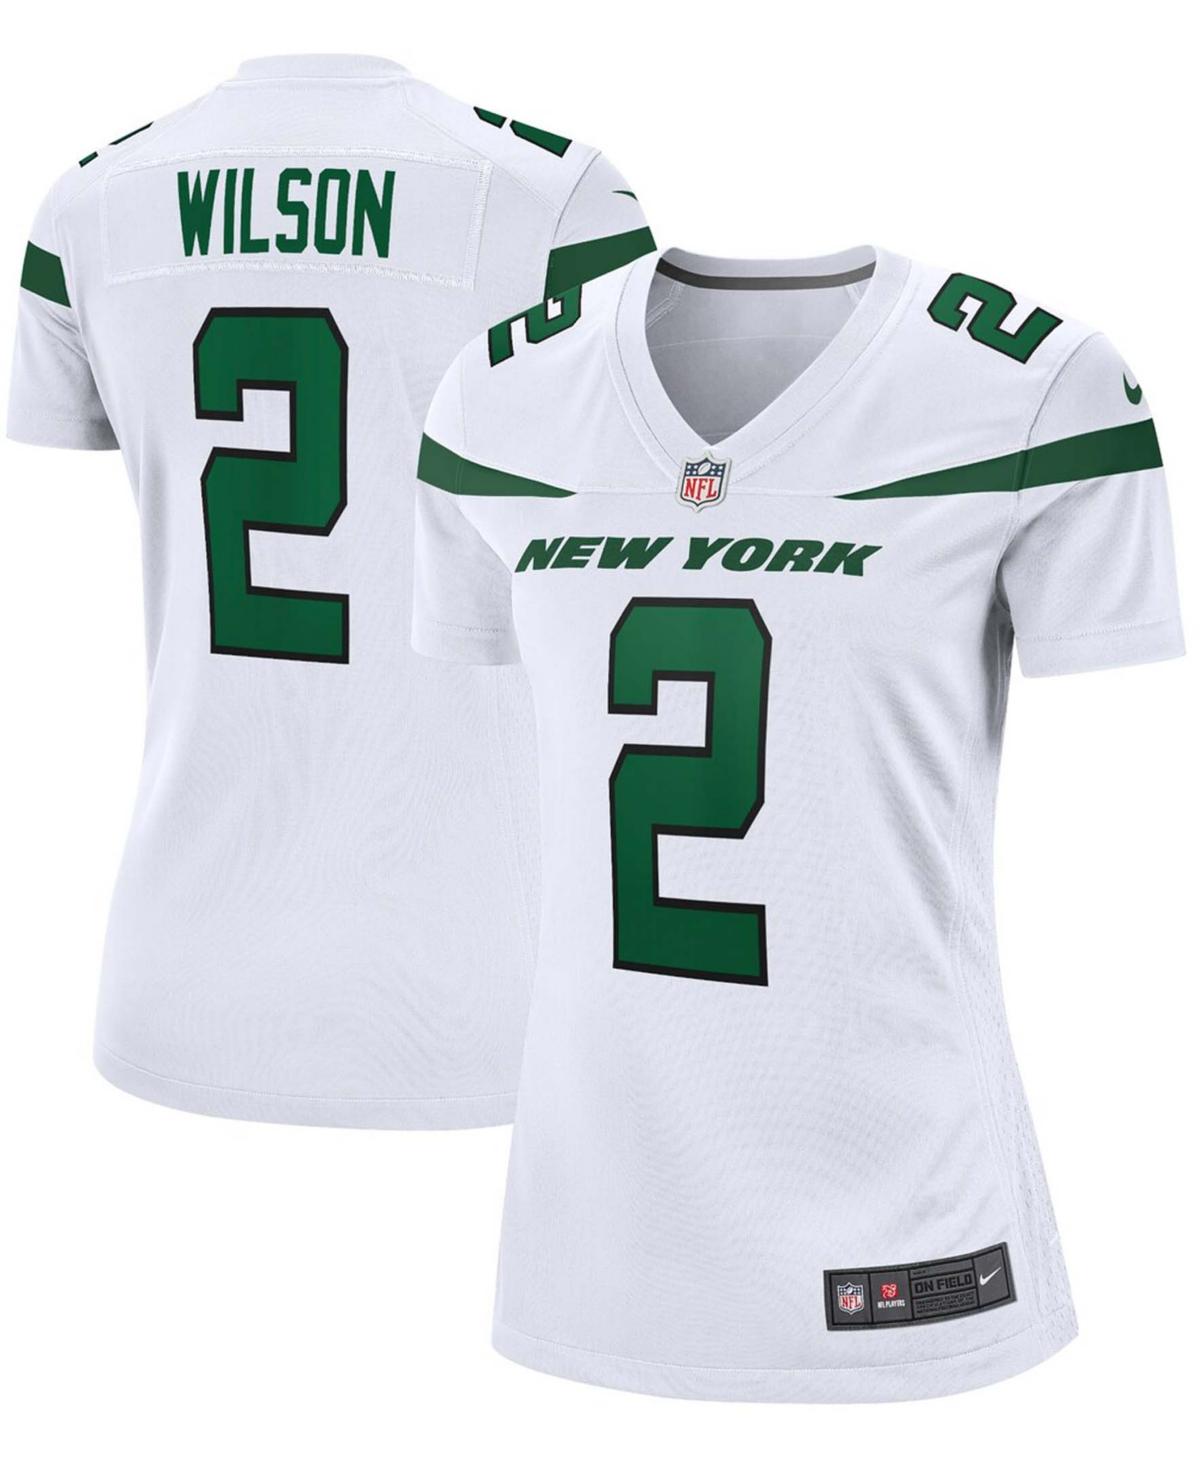 Women's Zach Wilson White New York Jets 2021 Nfl Draft First Round Pick Game Jersey